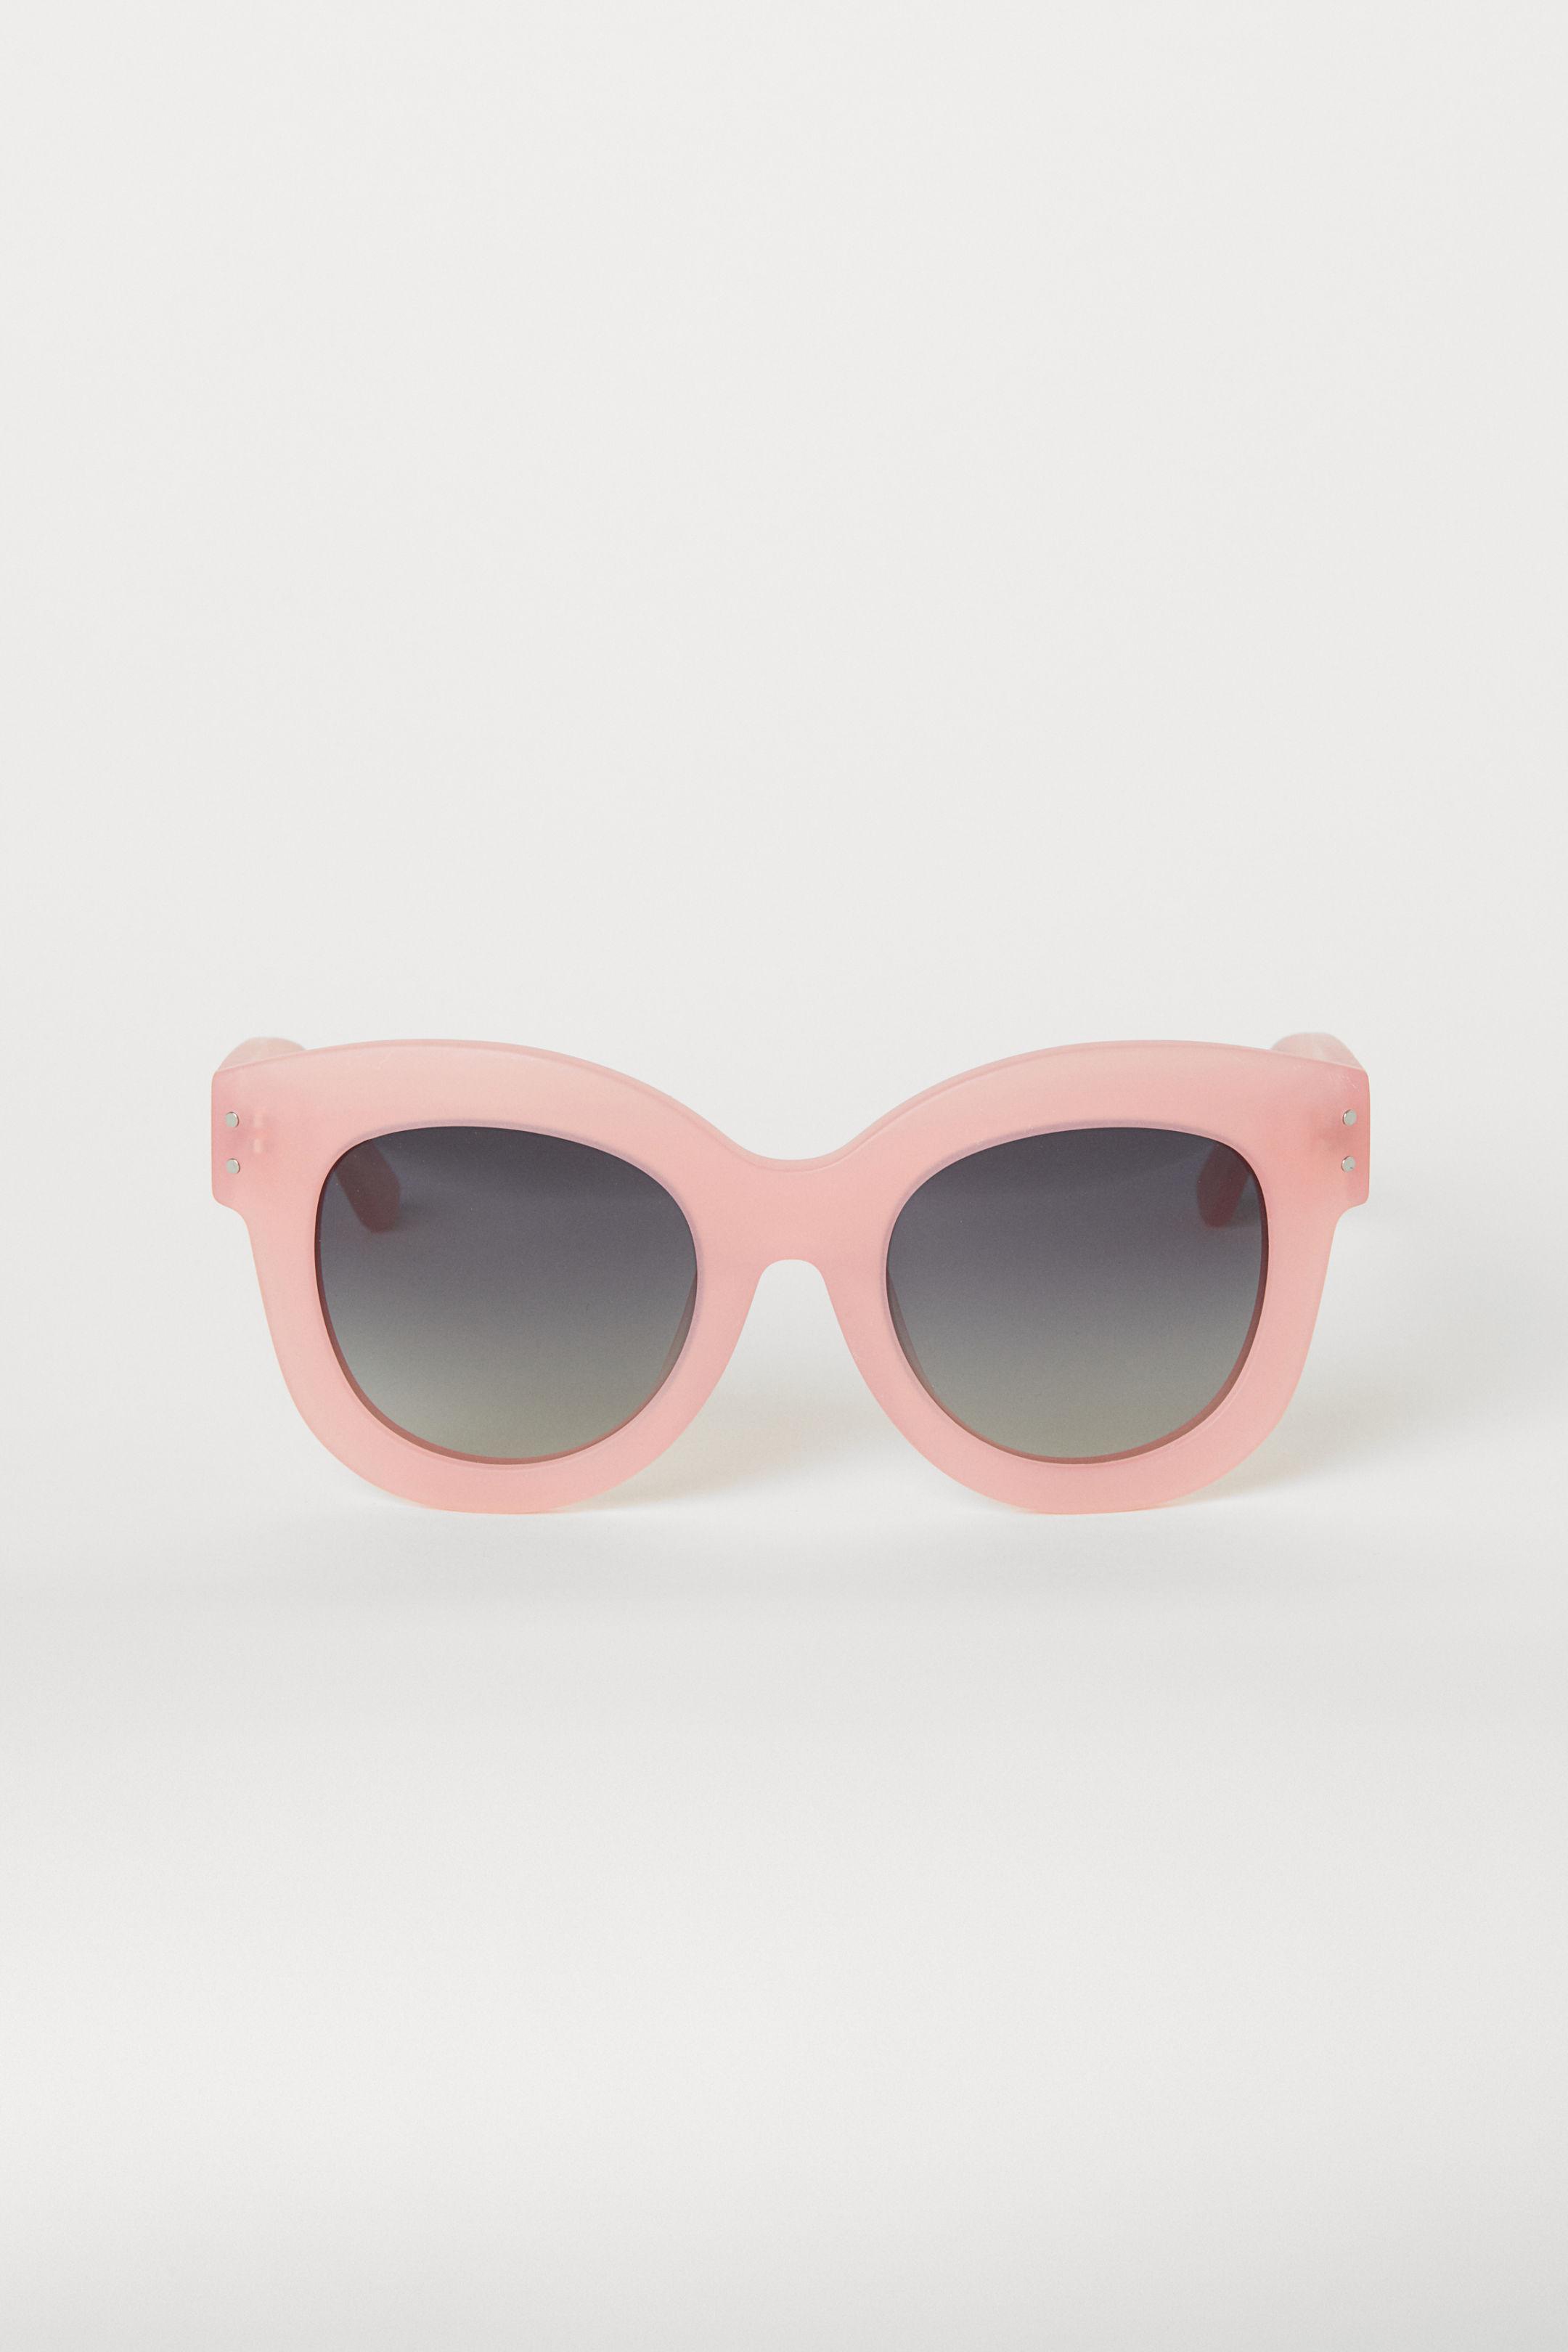 4892ae6572 Con forma ojos de gata, sin duda son una de las formas en gafas de sol más  tendencia para esta temporada.